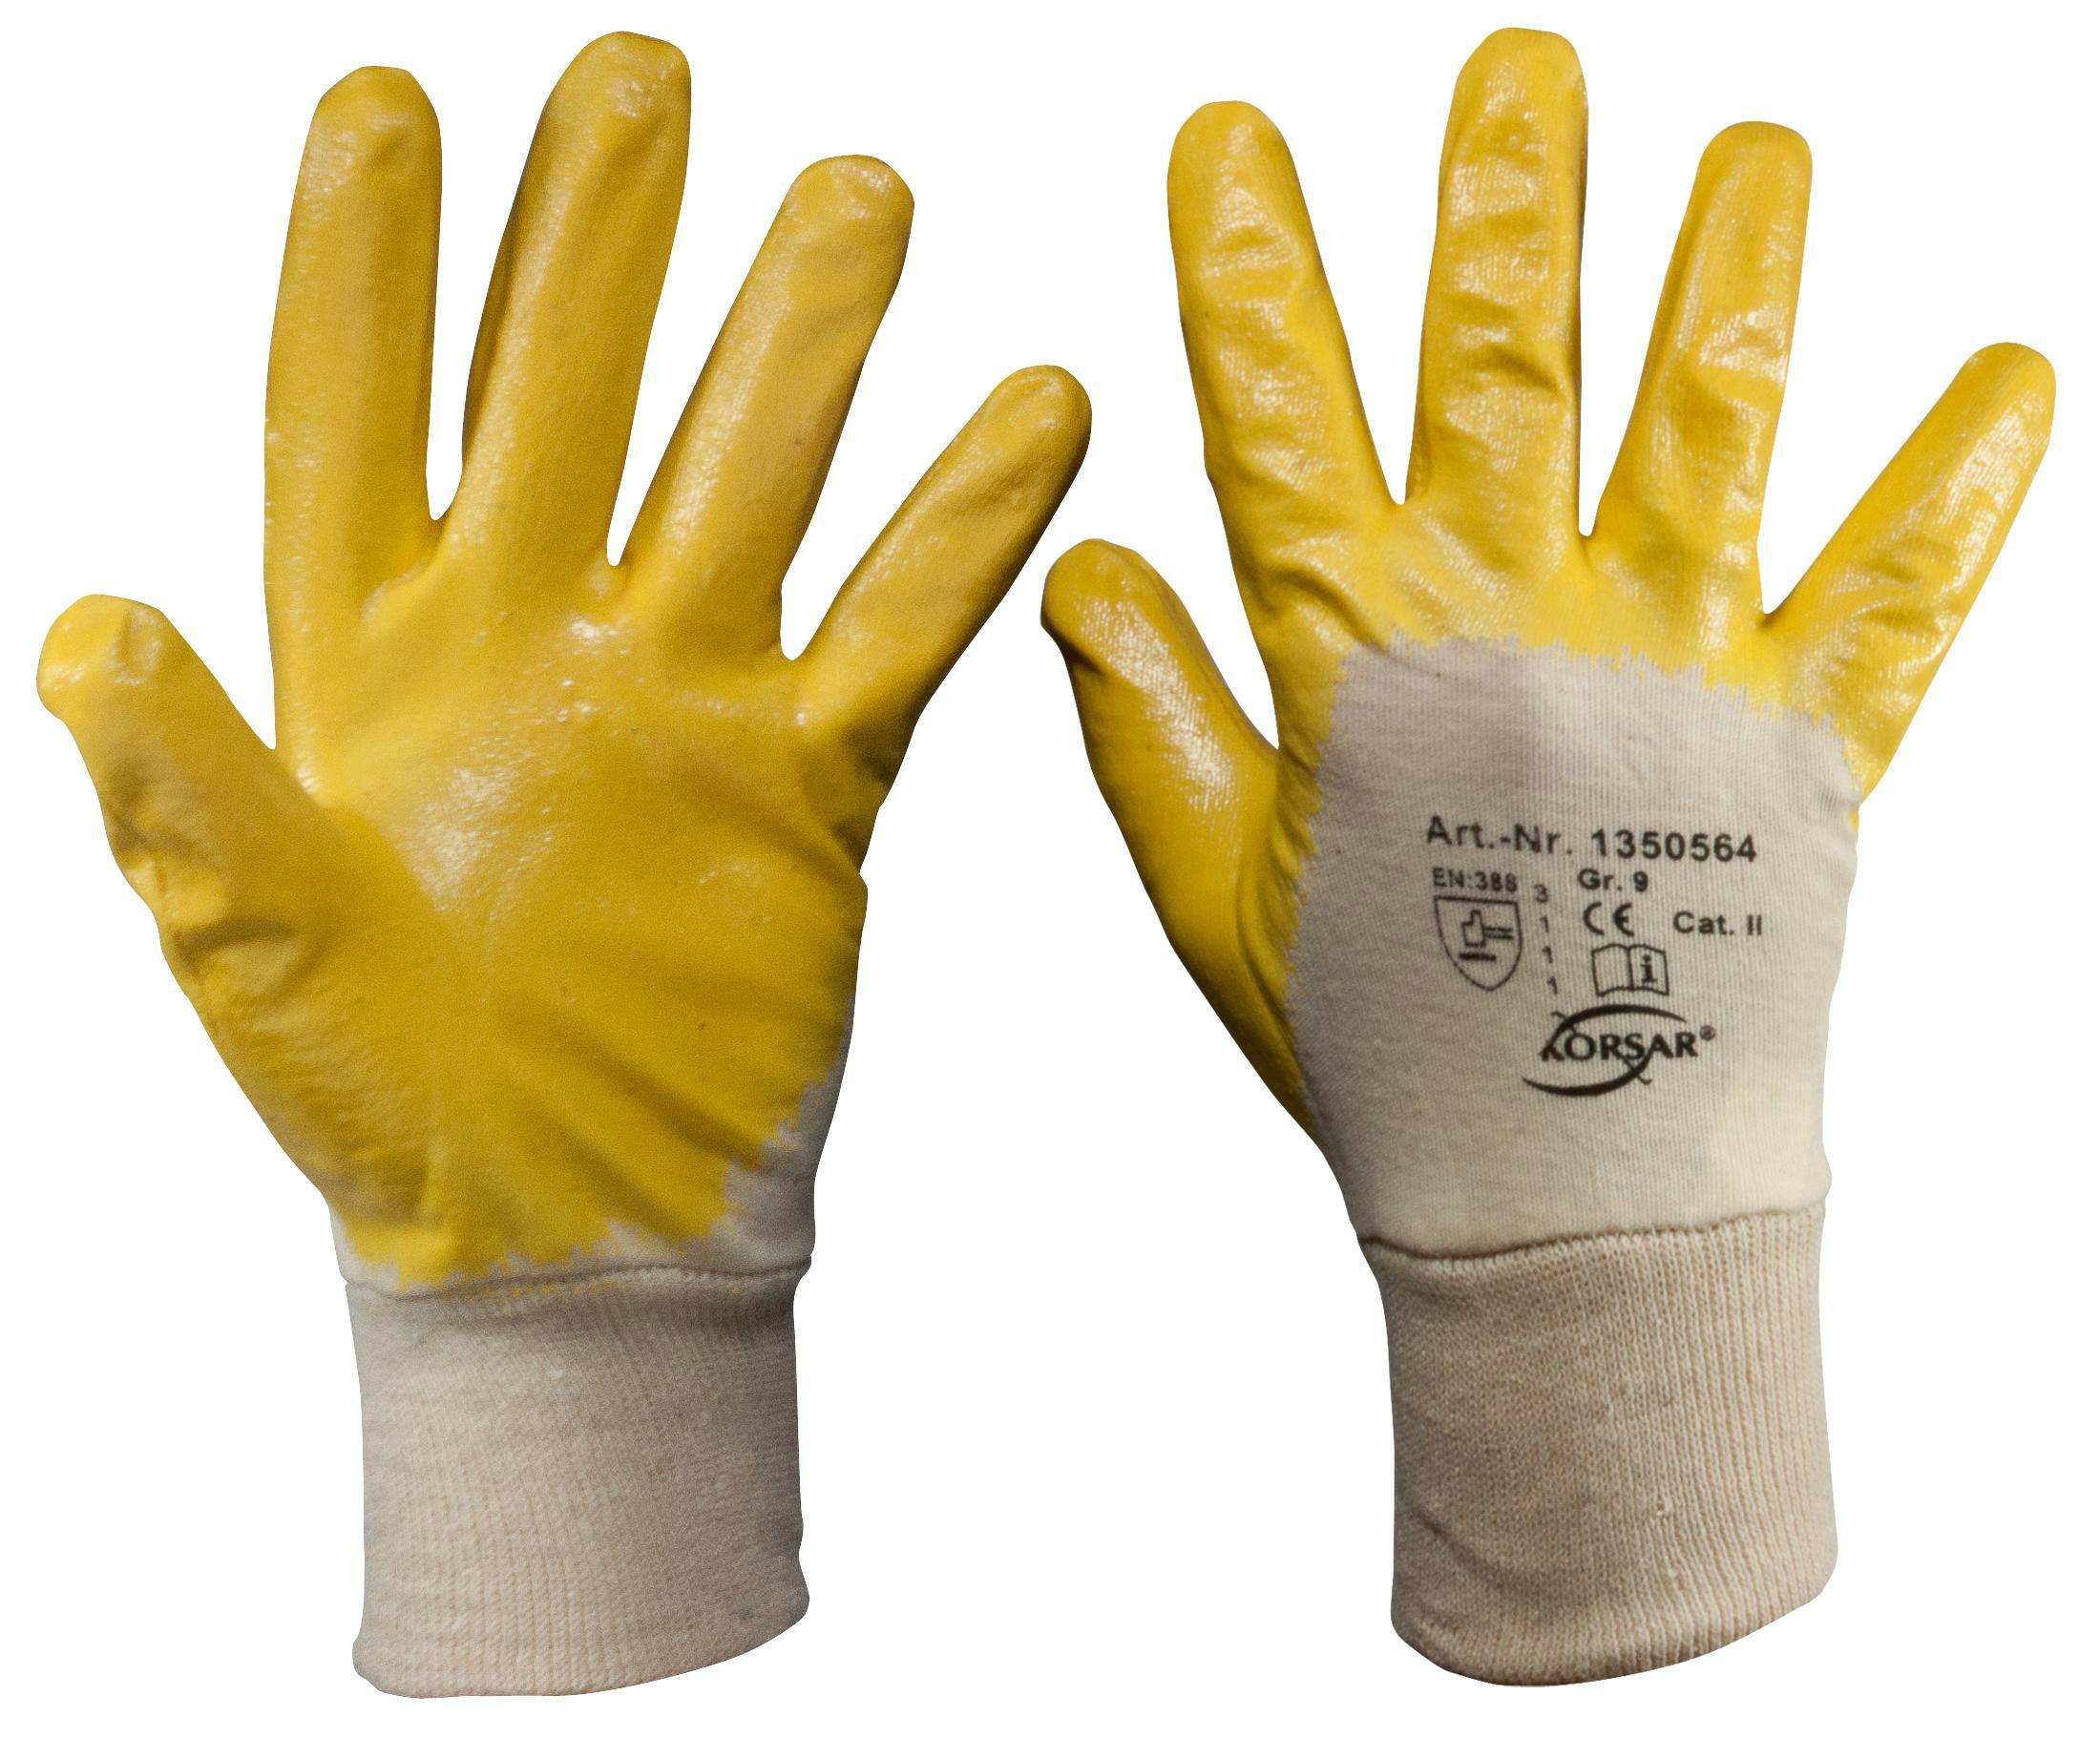 Z630 Nitrilhandschuhe L Größe 9 (10 Paar)